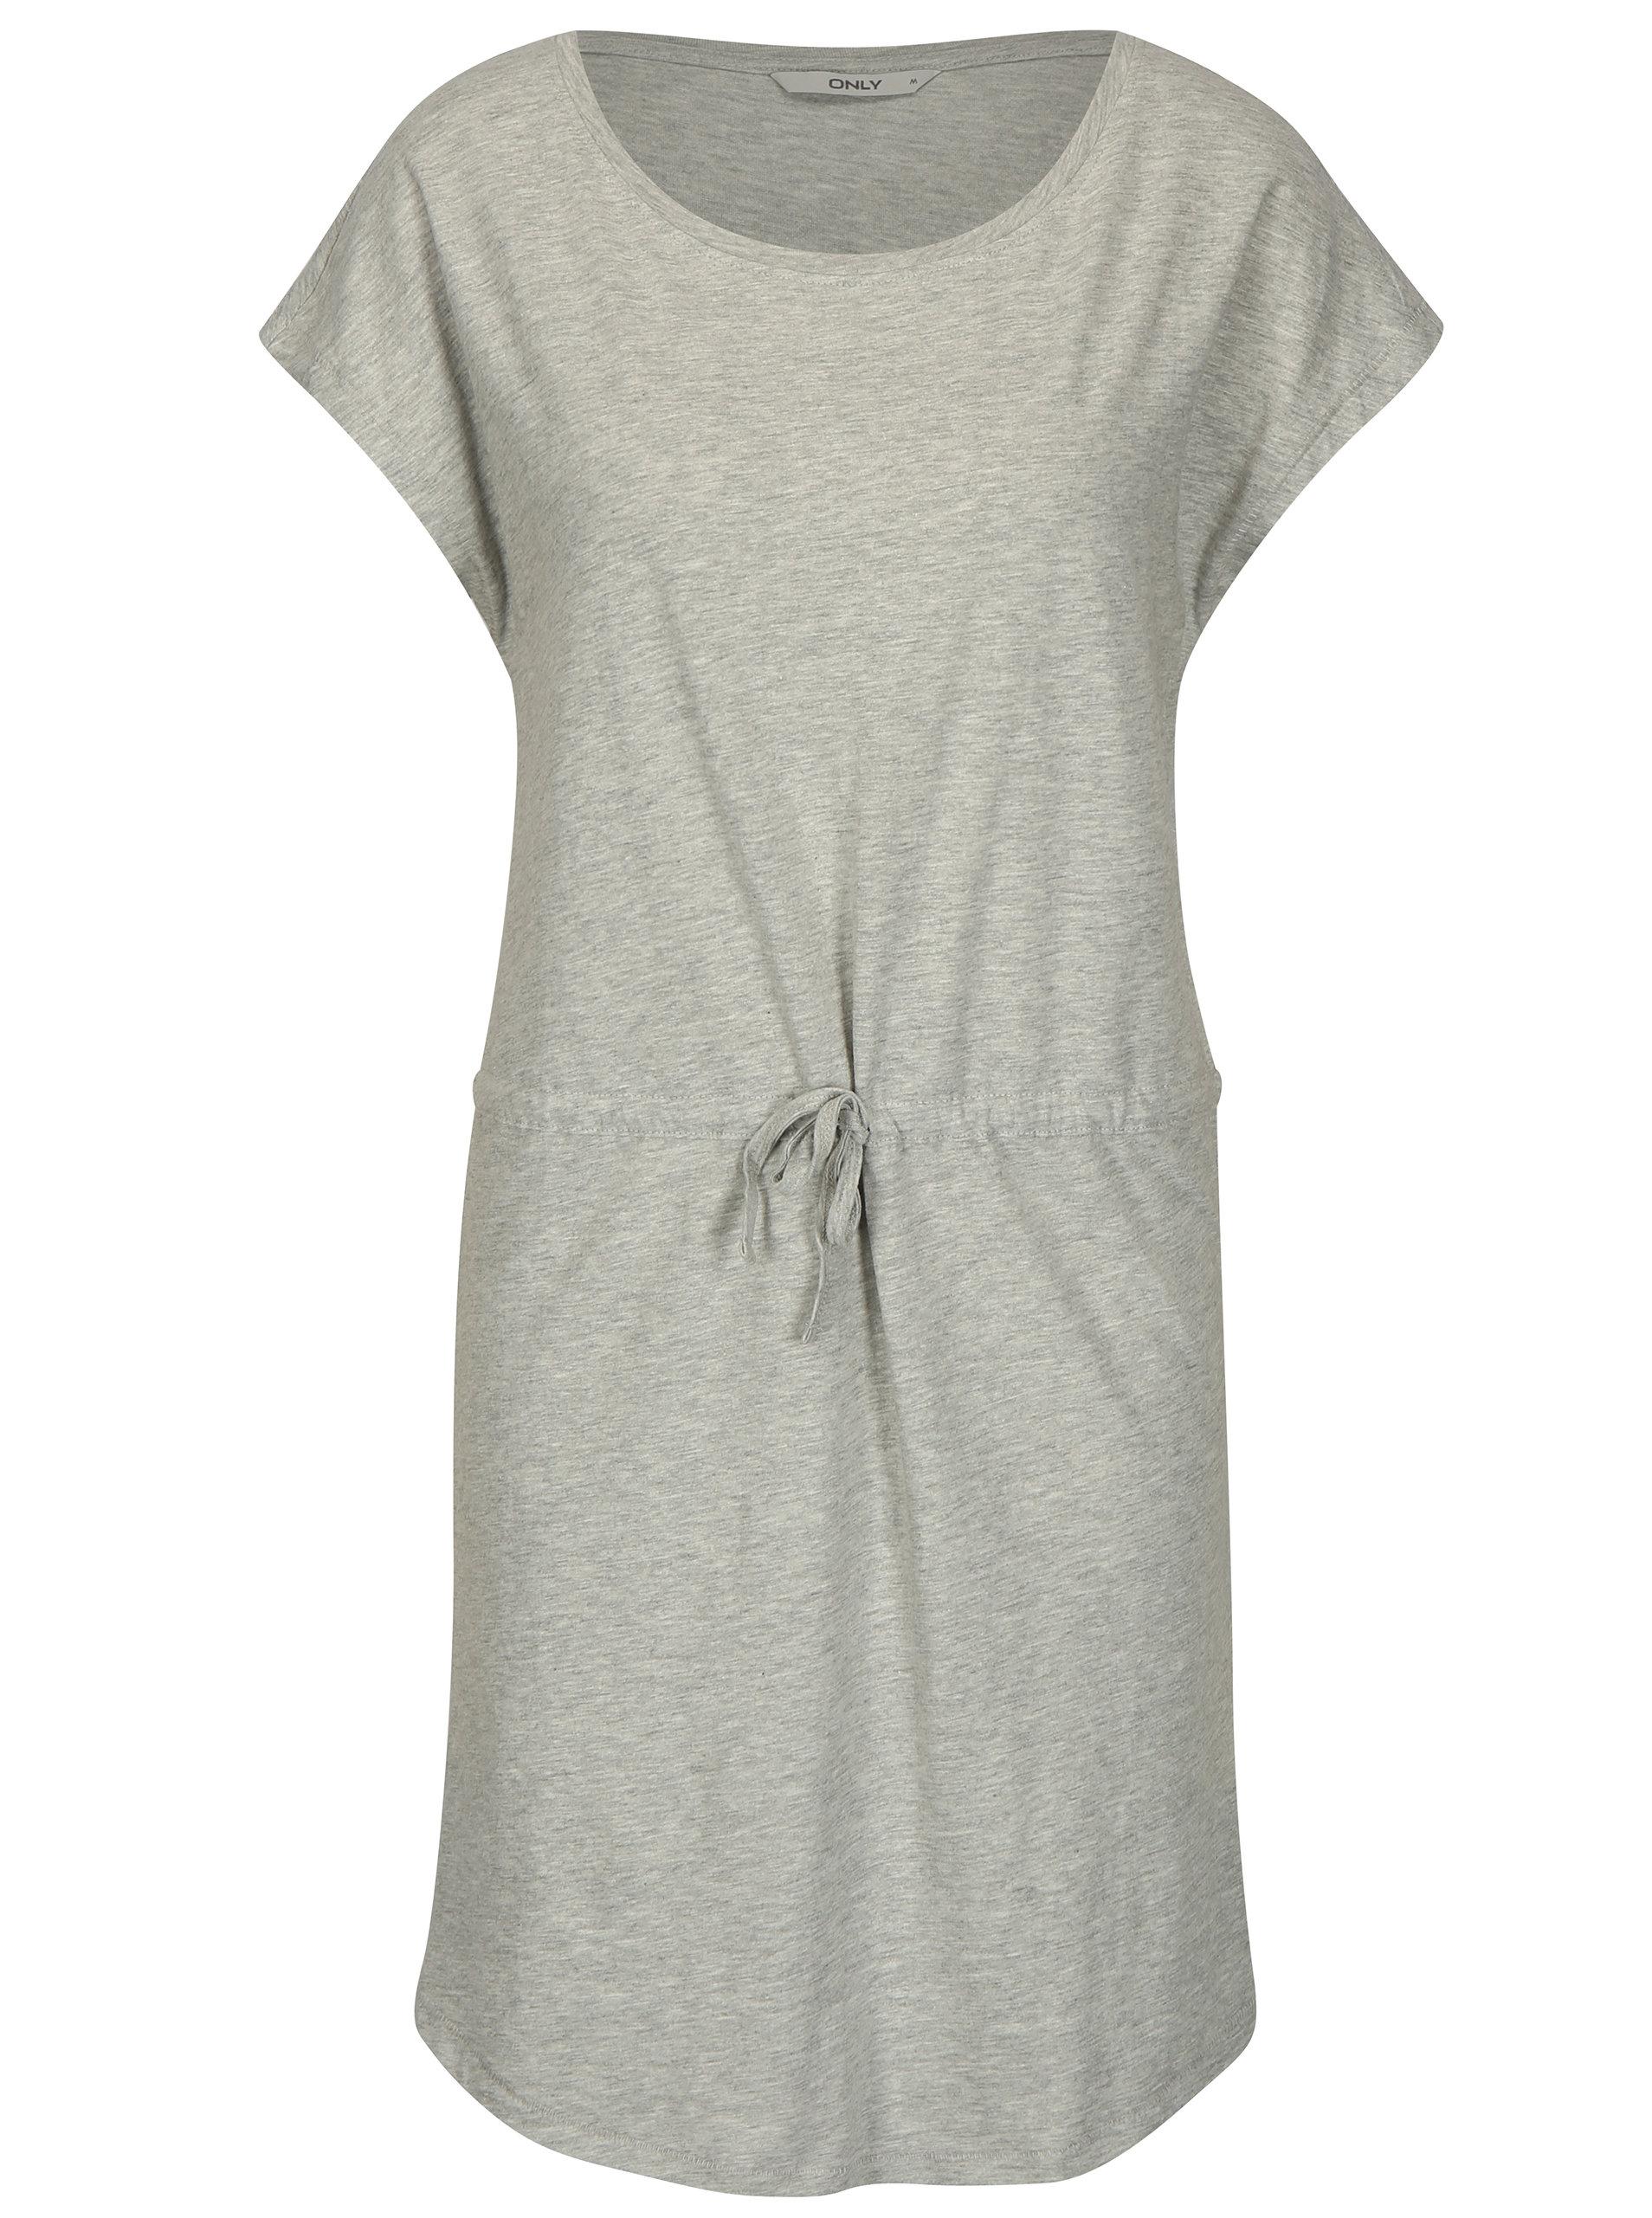 575d4b5c115f Sivé melírované šaty s krátkym rukávom ONLY May ...